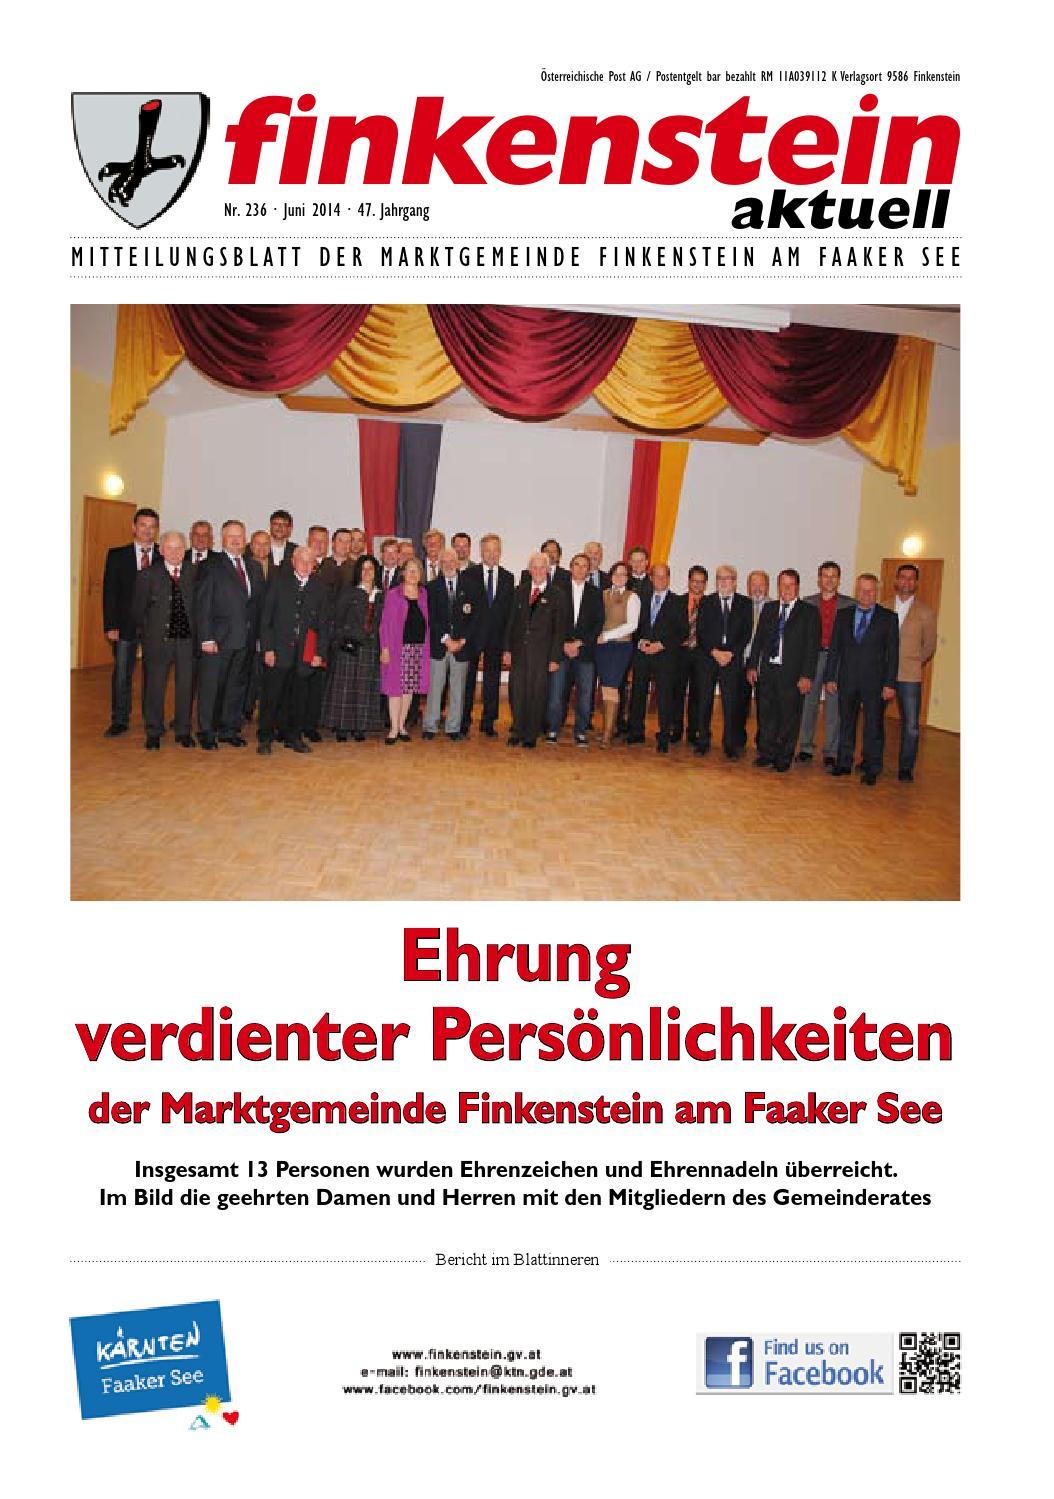 Finkenstein am Faaker See in Villach - Thema auf omr-software.com